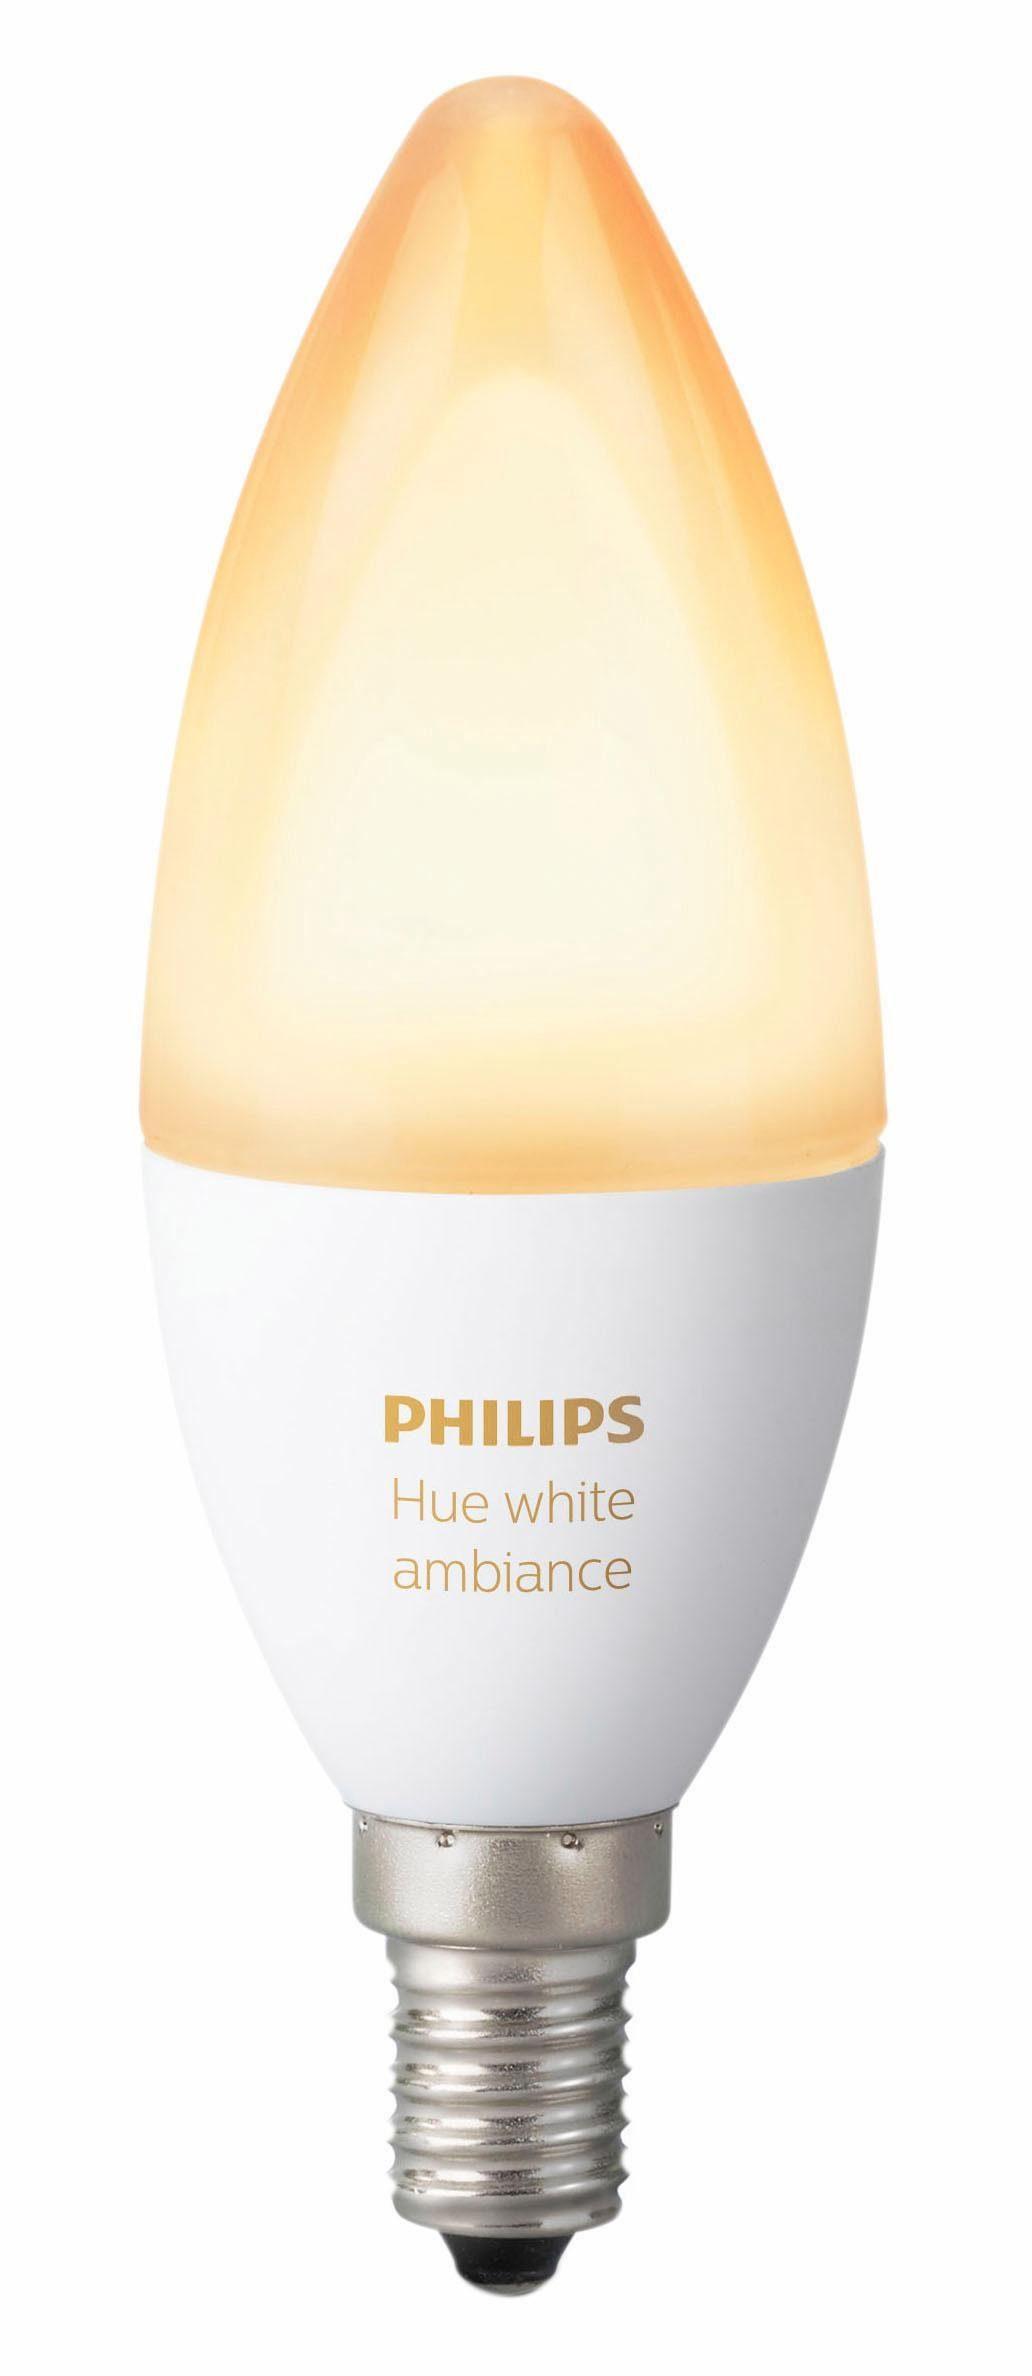 Philips Hue, White Ambiance E14 Einzellampe - smartes LED-Lichtsystem mit App-Steuerung